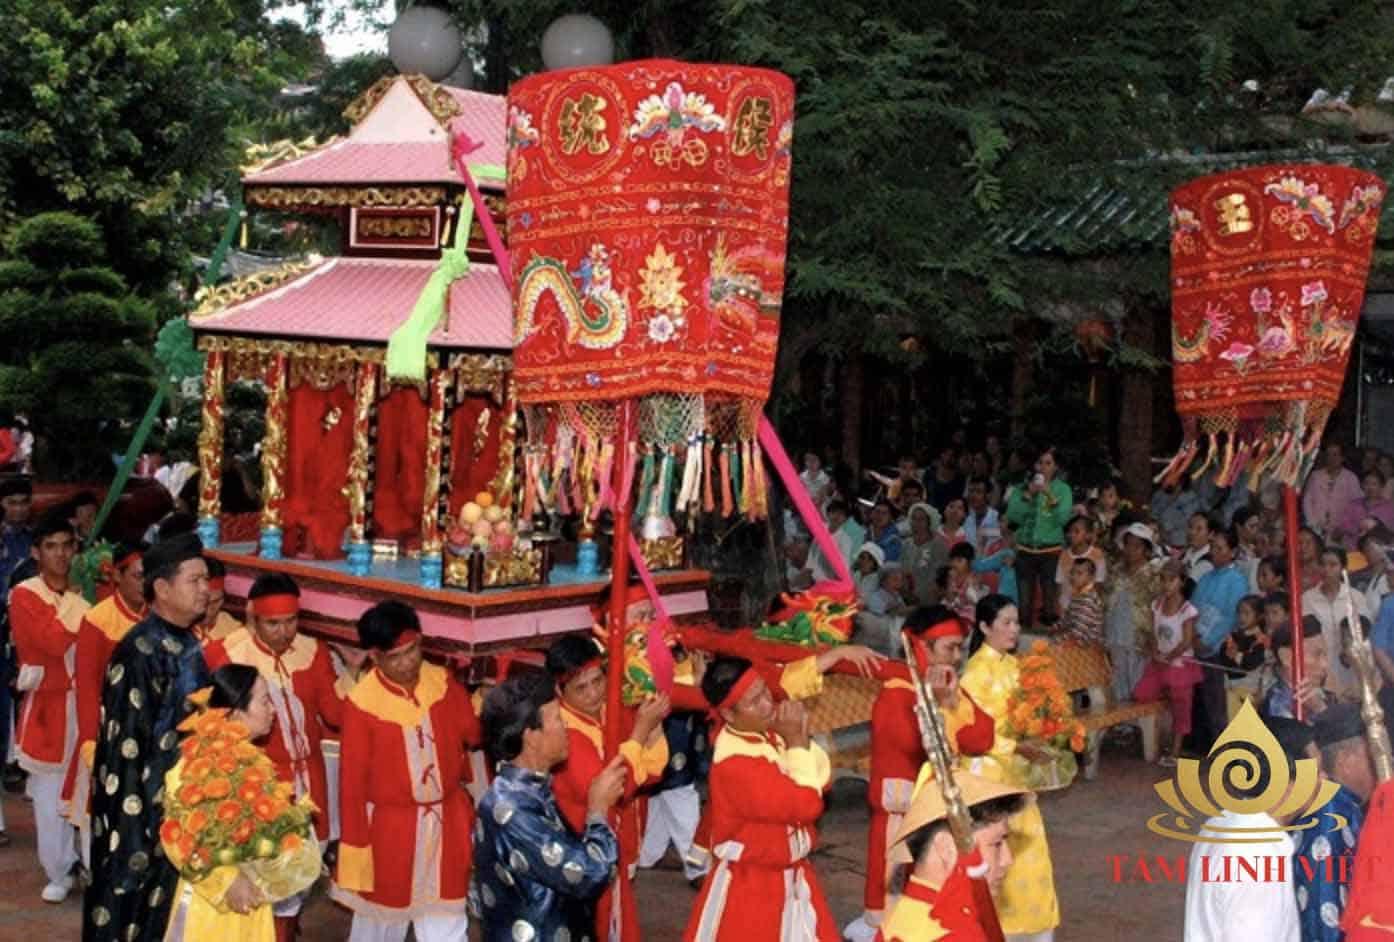 Cần chuẩn bị văn khấn bà chúa xứ Châu Đốc kỹ càng khi tham gia lễ hội